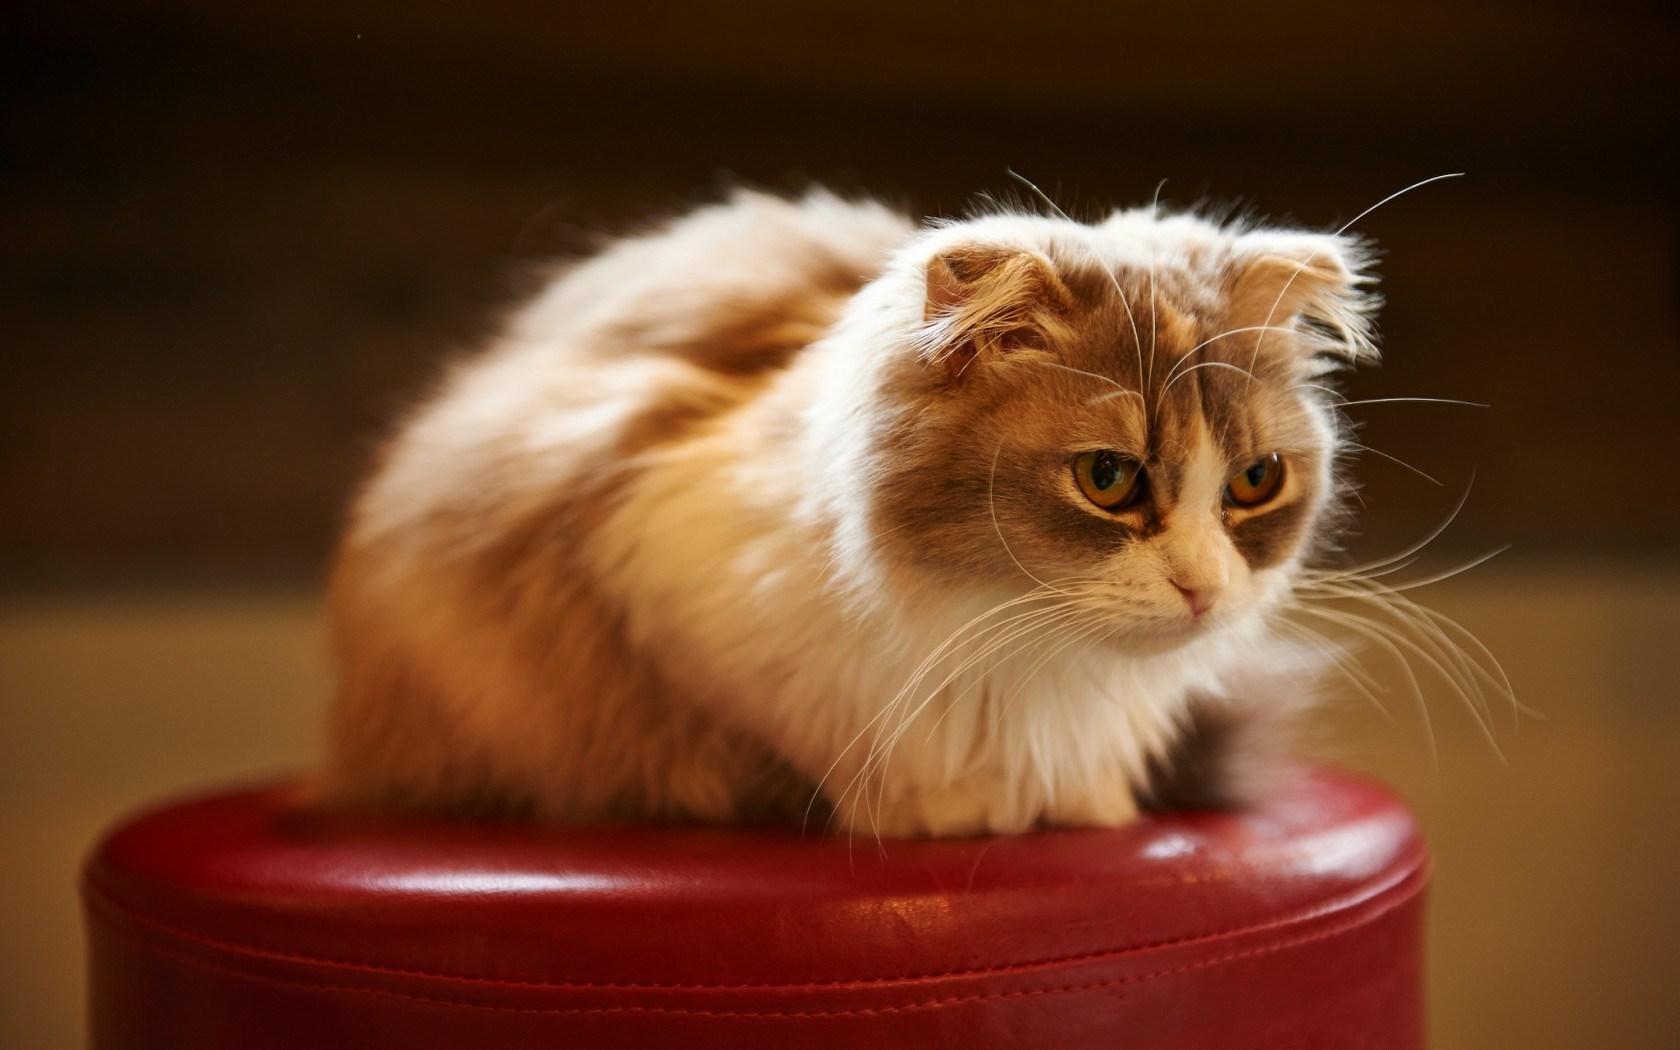 cat images cute